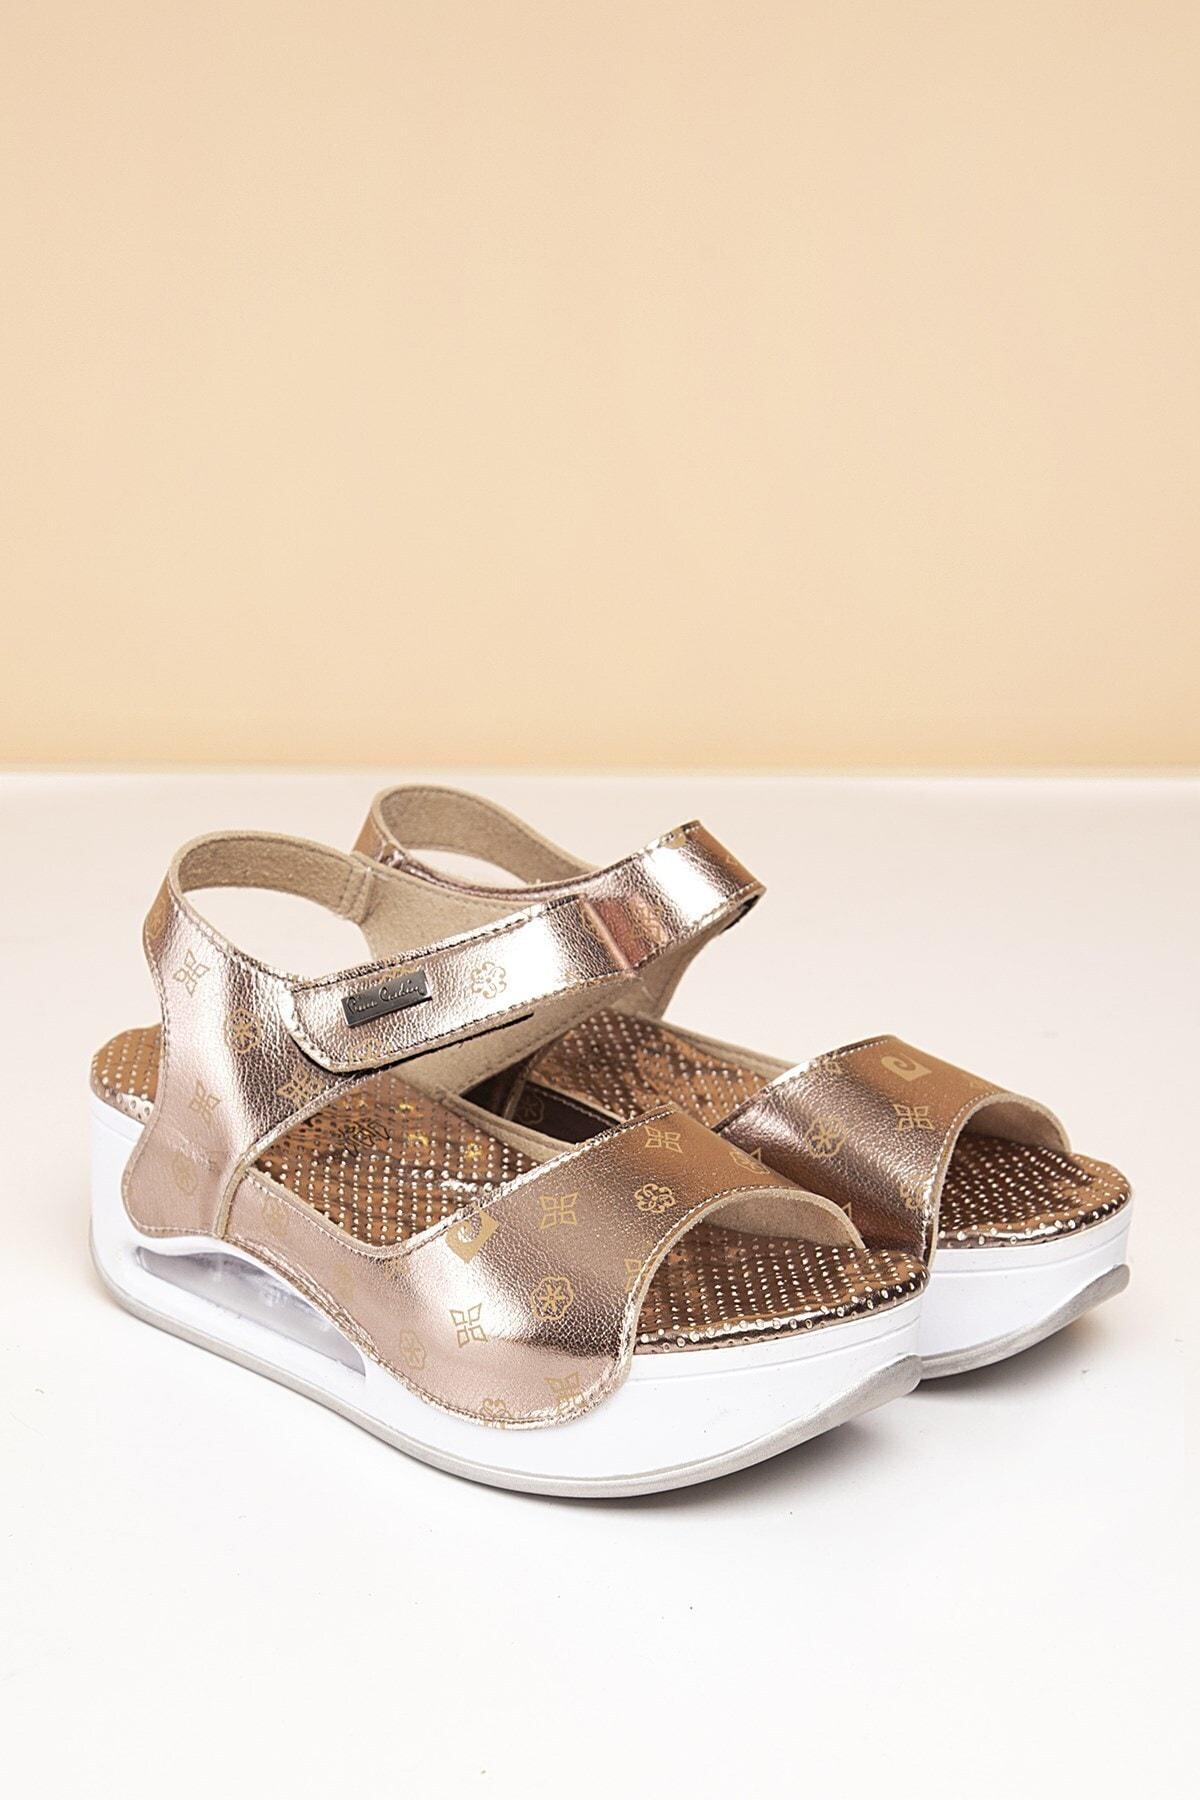 Pierre Cardin PC-1406 Platin-Bej Kadın Sandalet 1